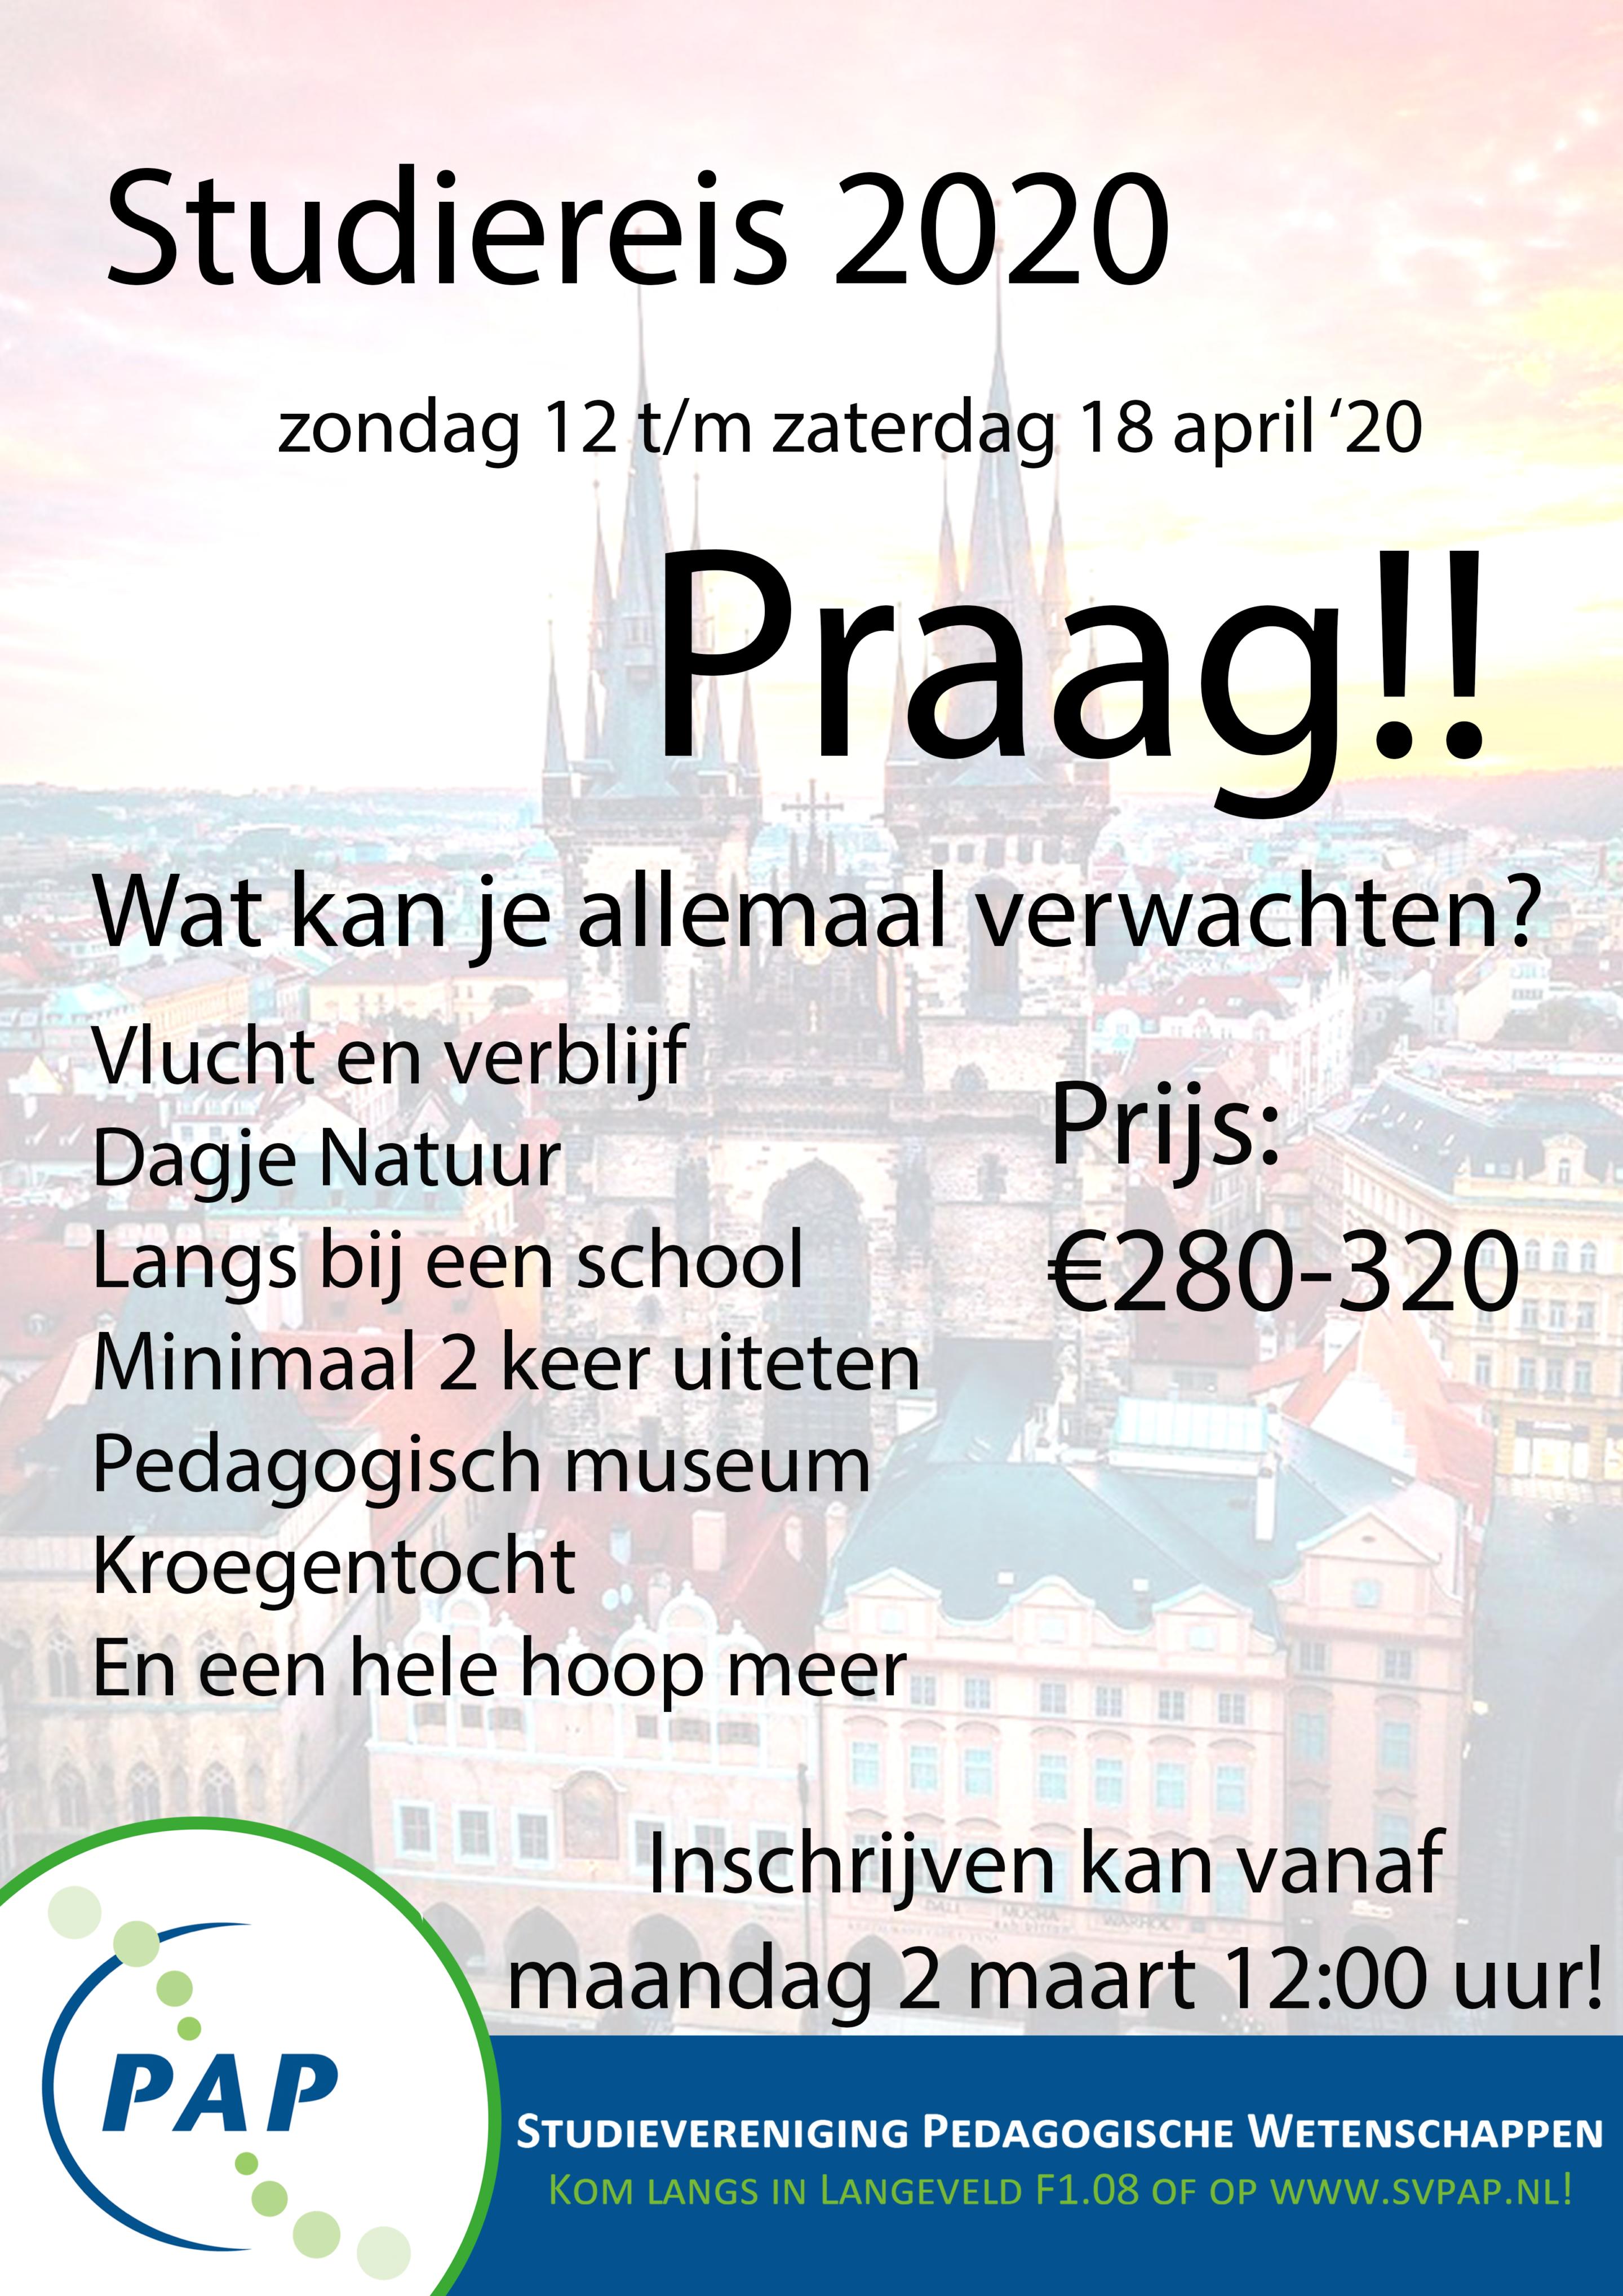 Studiereis Praag!